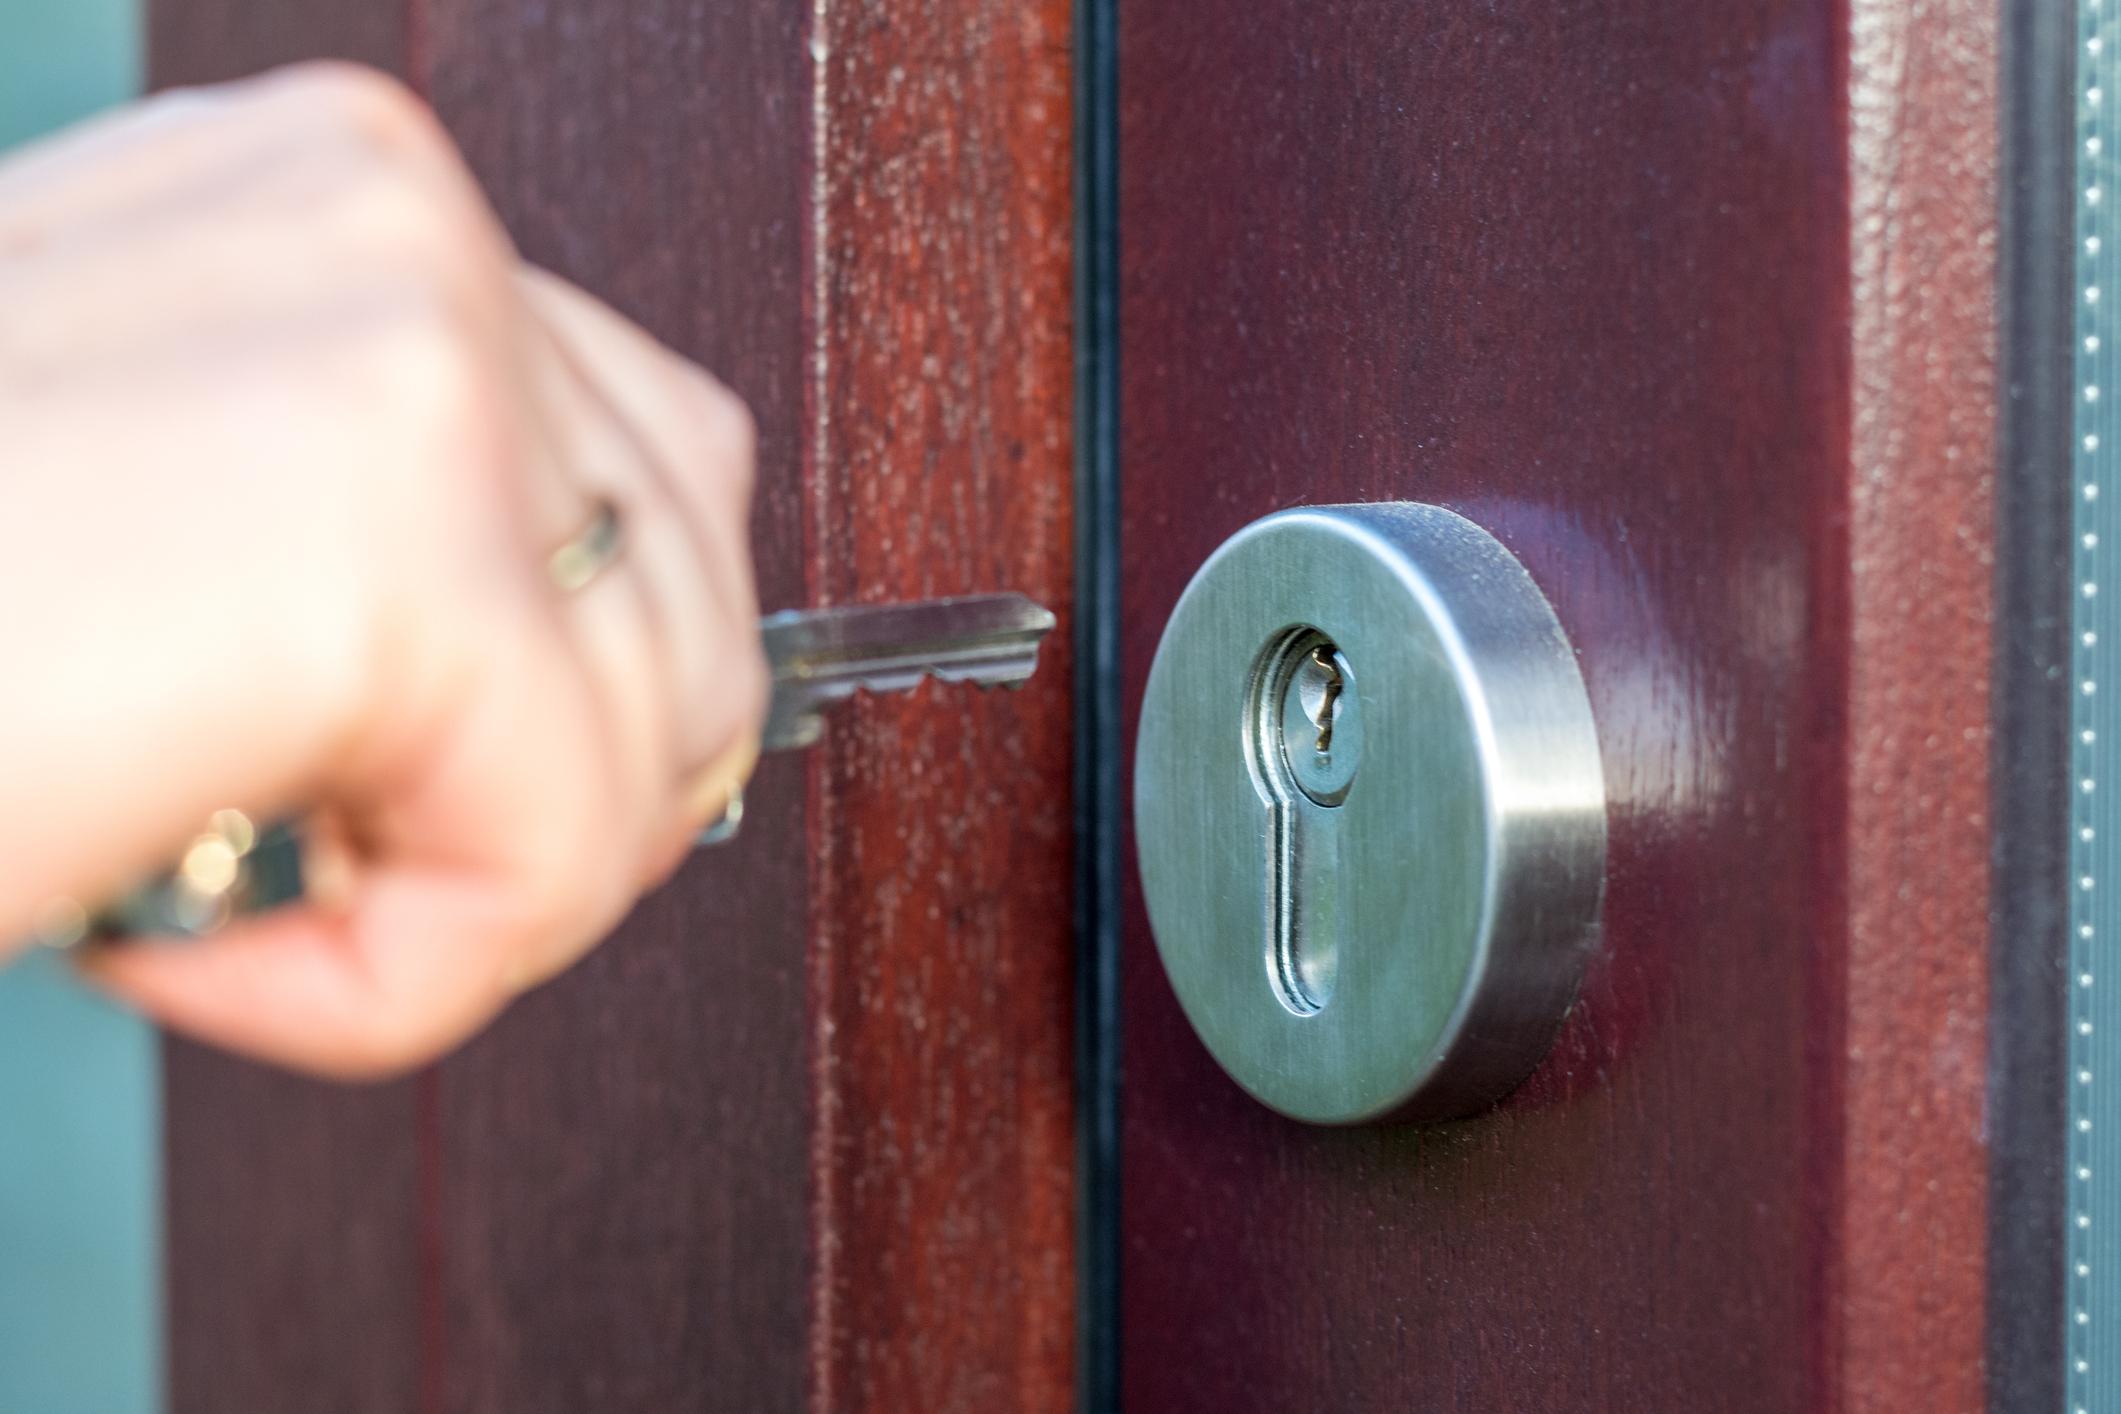 Les équipements de portes pour prévenir le cambriolage